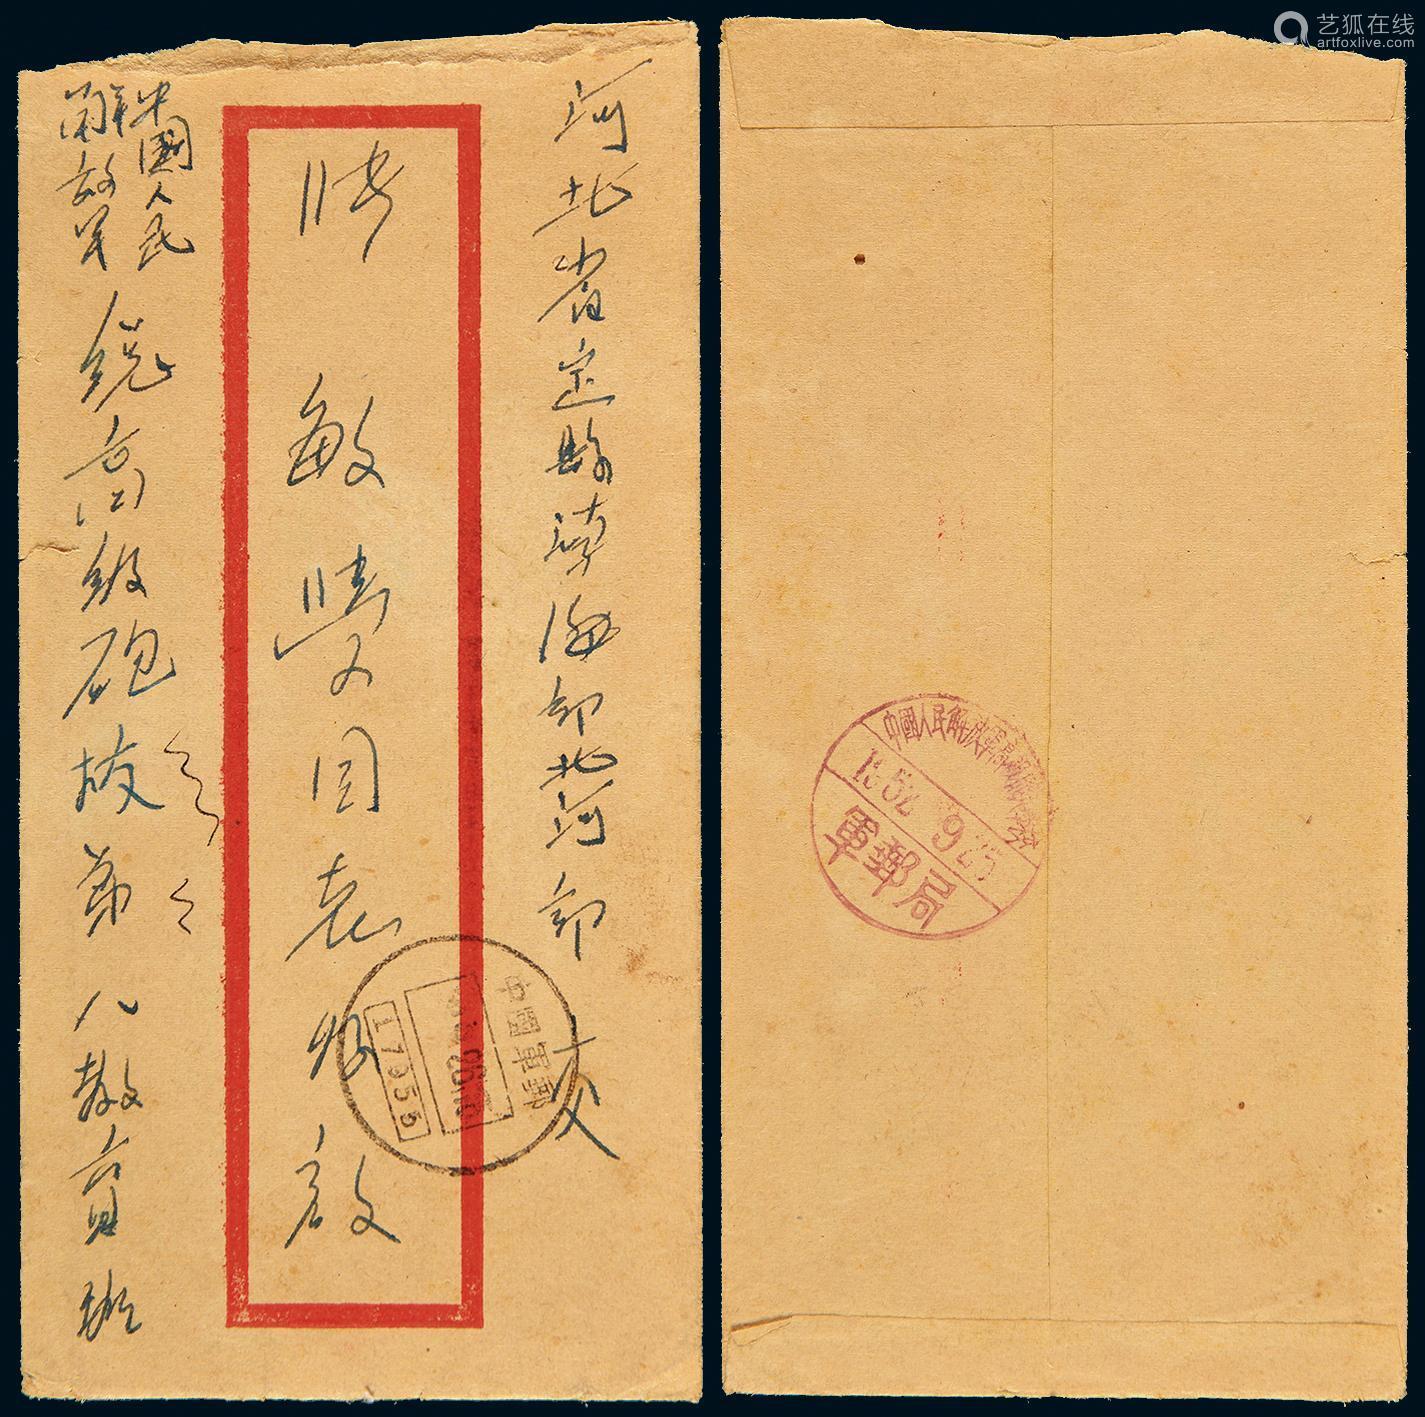 1952年解放军炮兵学校寄河北军邮封